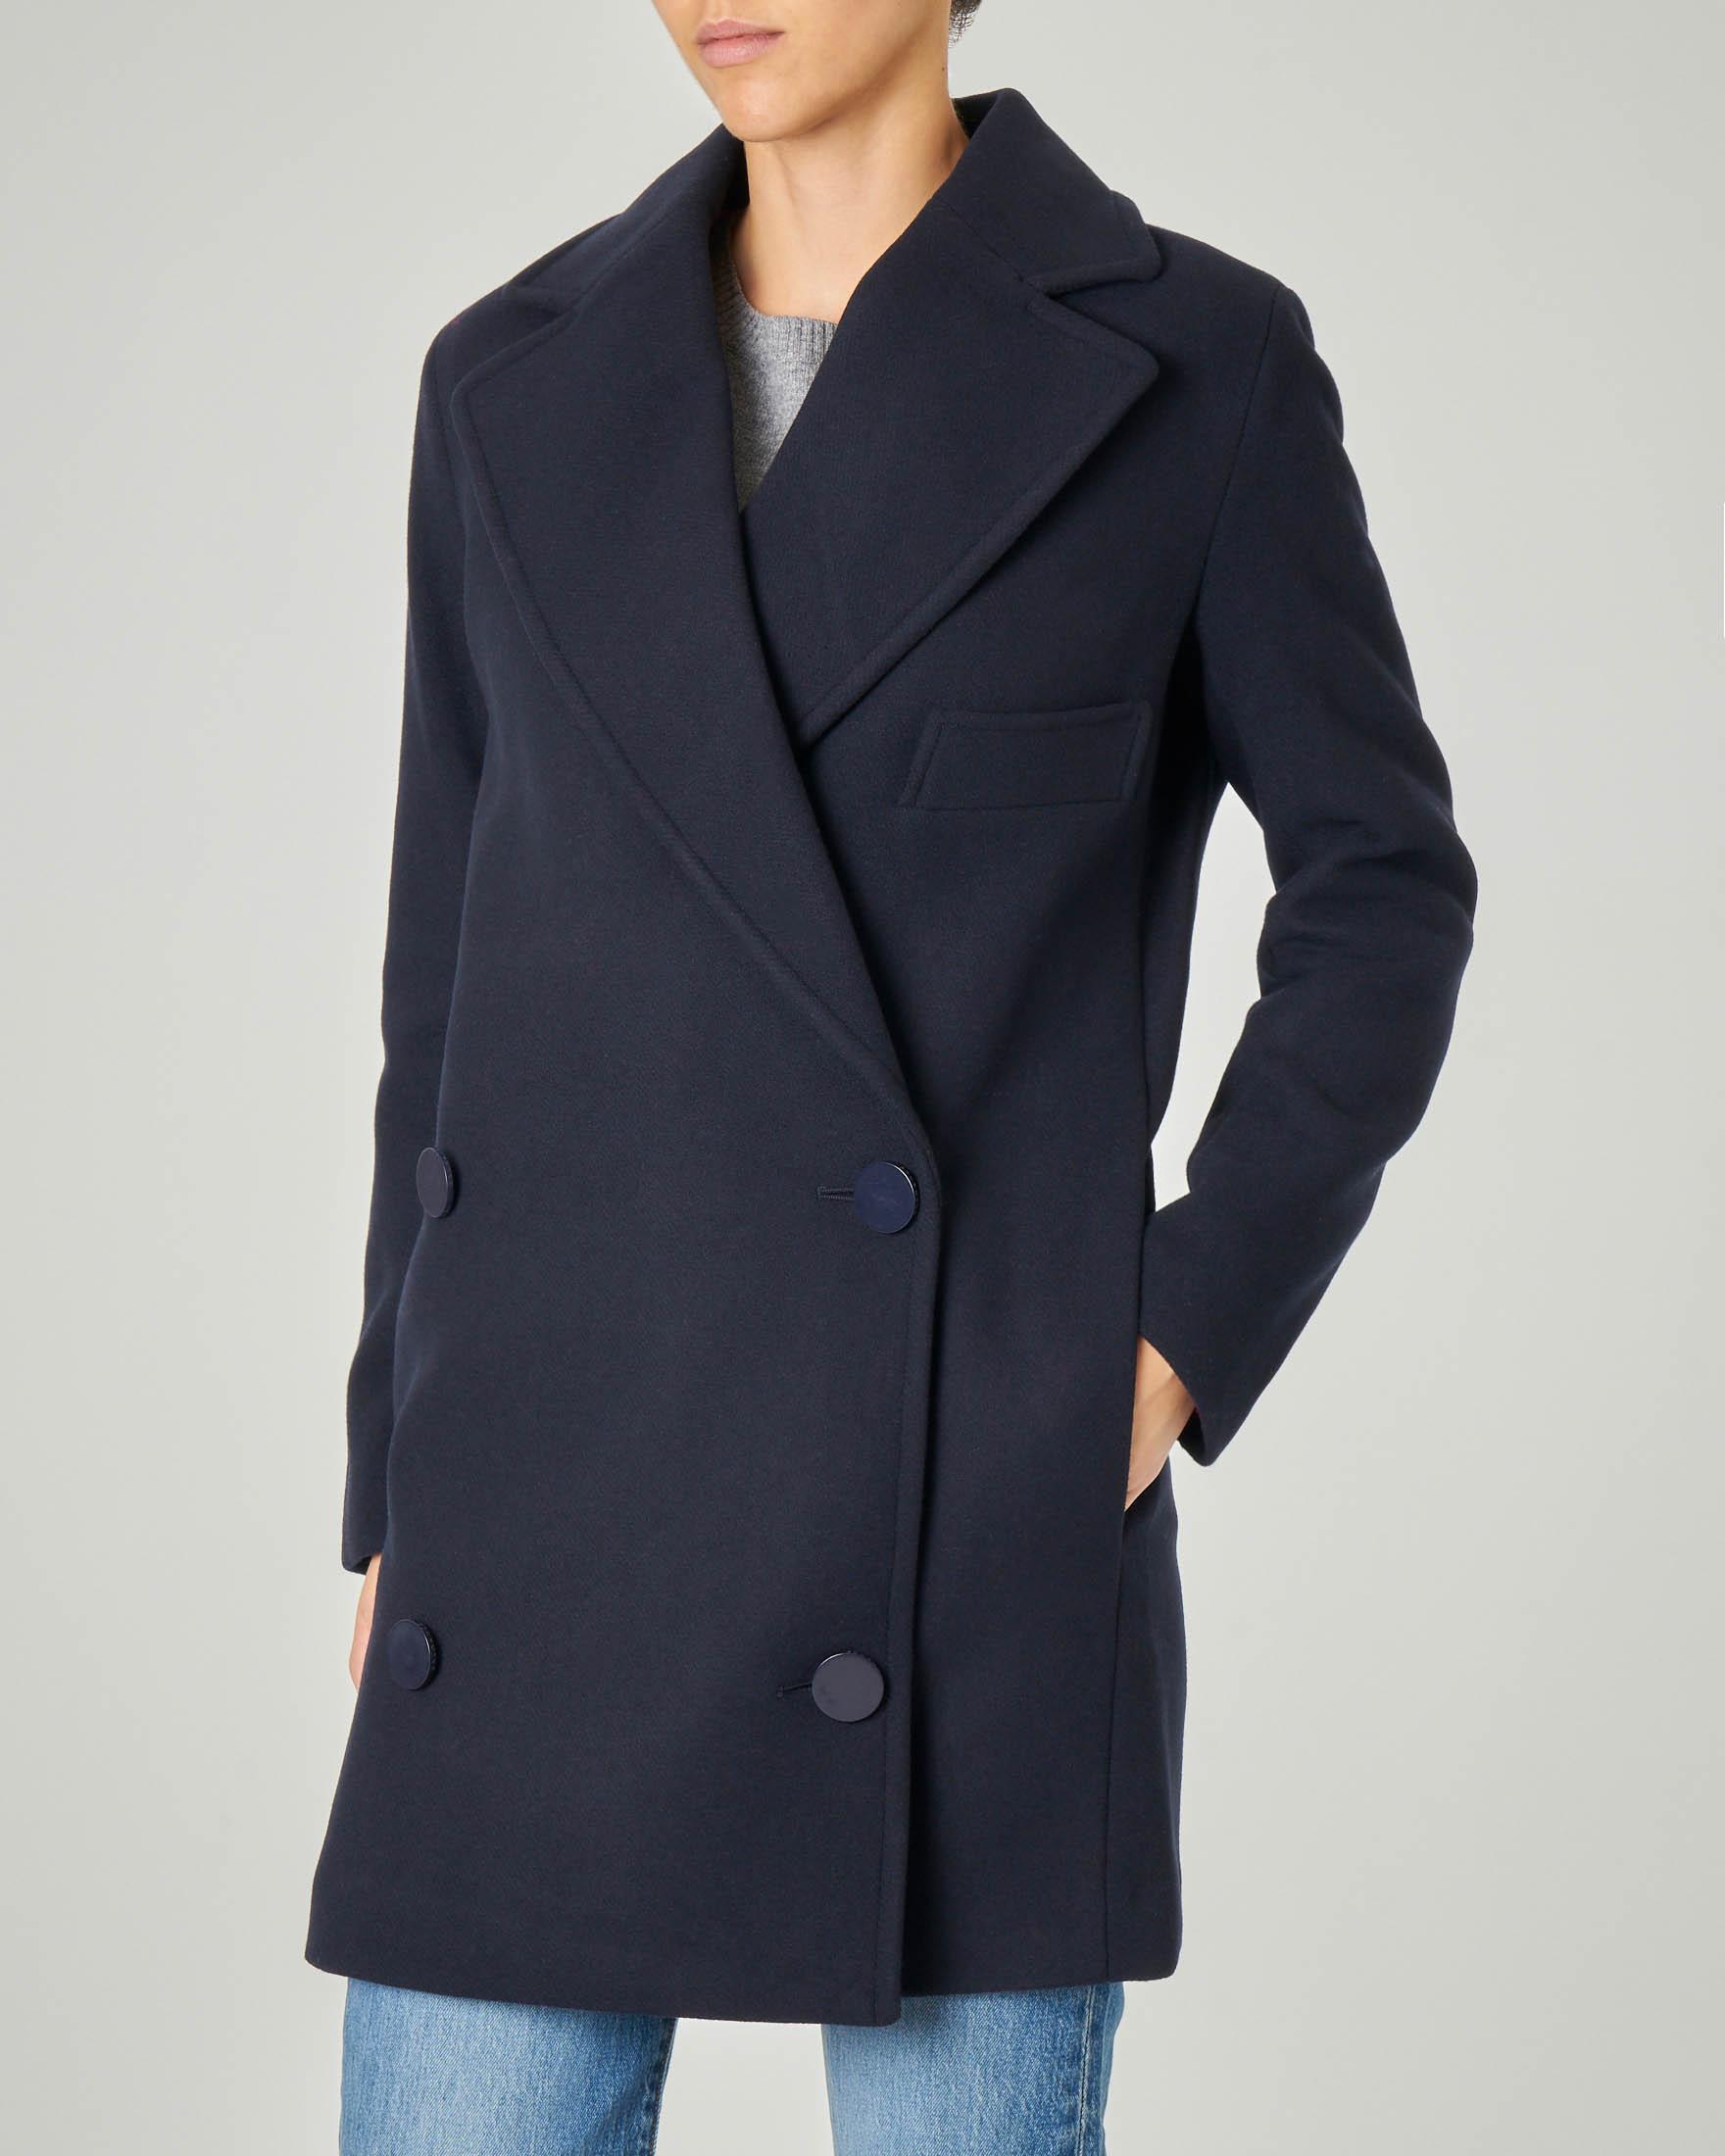 Cappotto blu in misto lana modello alla francese doppiopettp